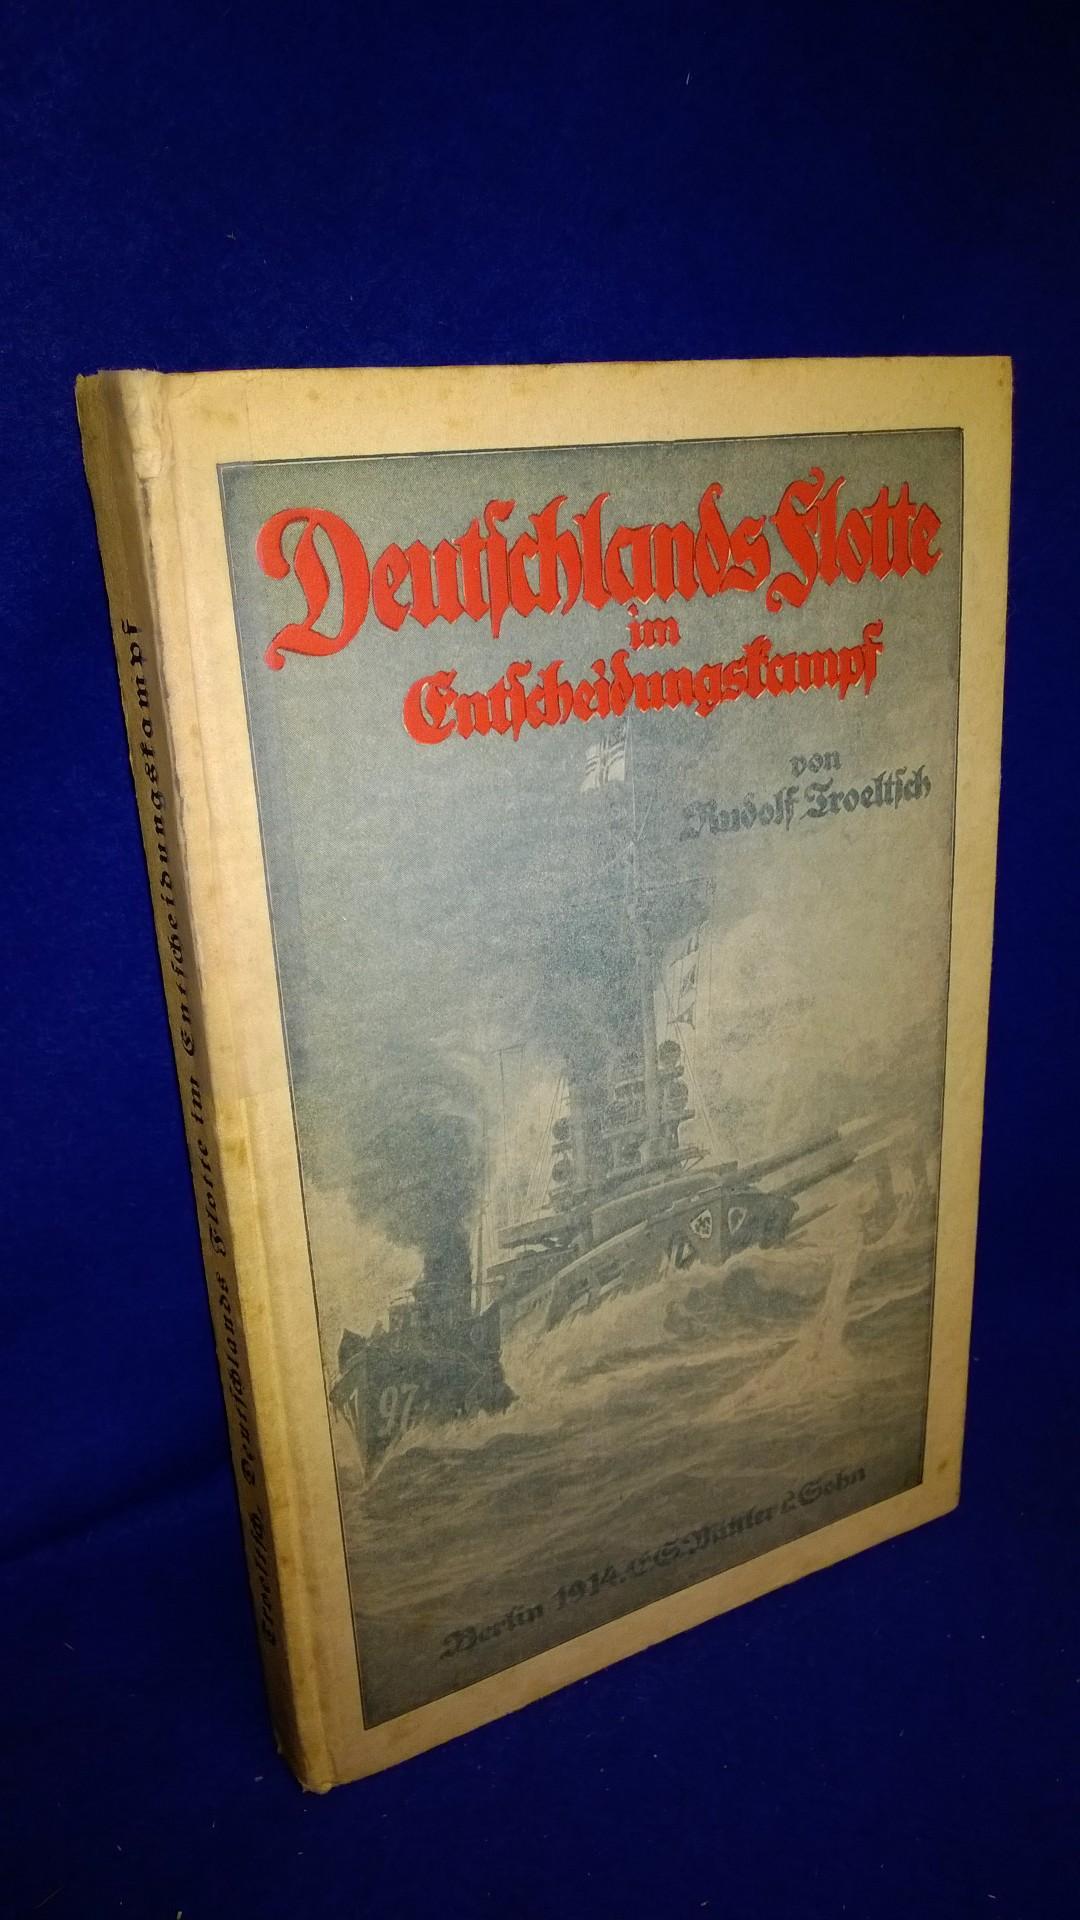 Deutschlands Flotte im Entscheidungskampf - Eine Einführung der Laien in das Wesen des modernen Seekrieges.